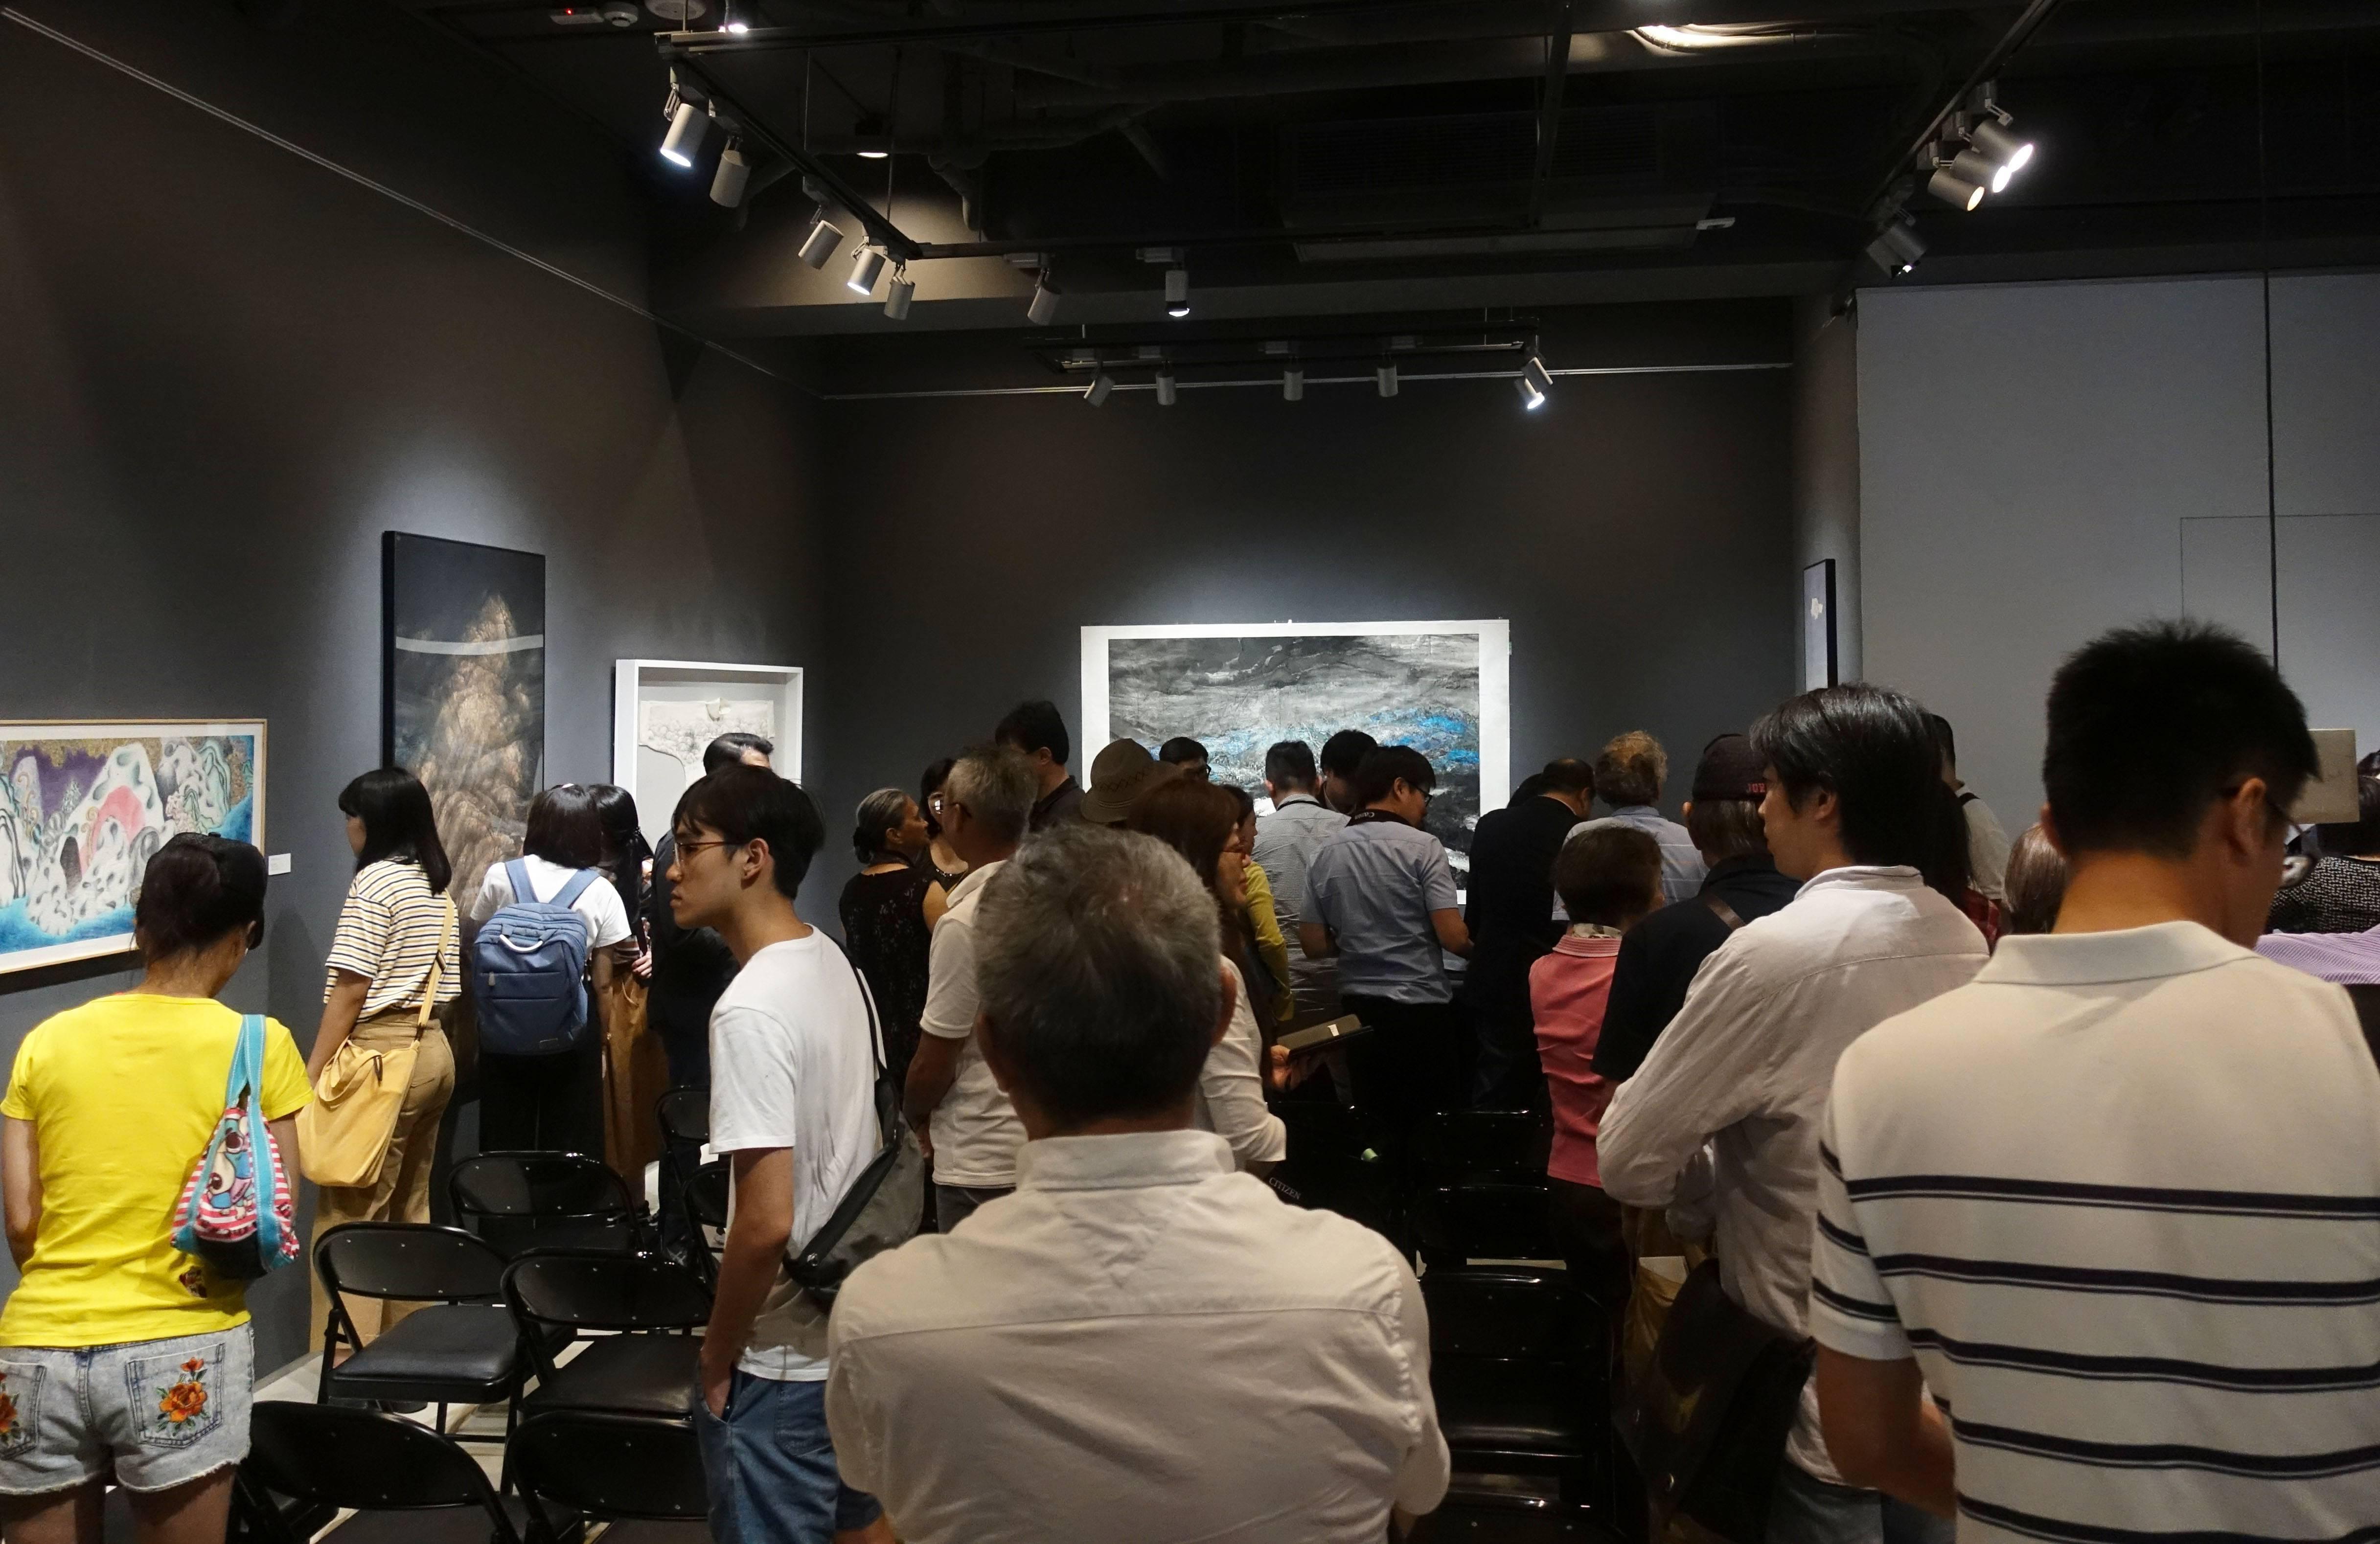 大觀藝術空間「島嶼.他方 - 台港水墨的地景建構」開幕現場人潮。